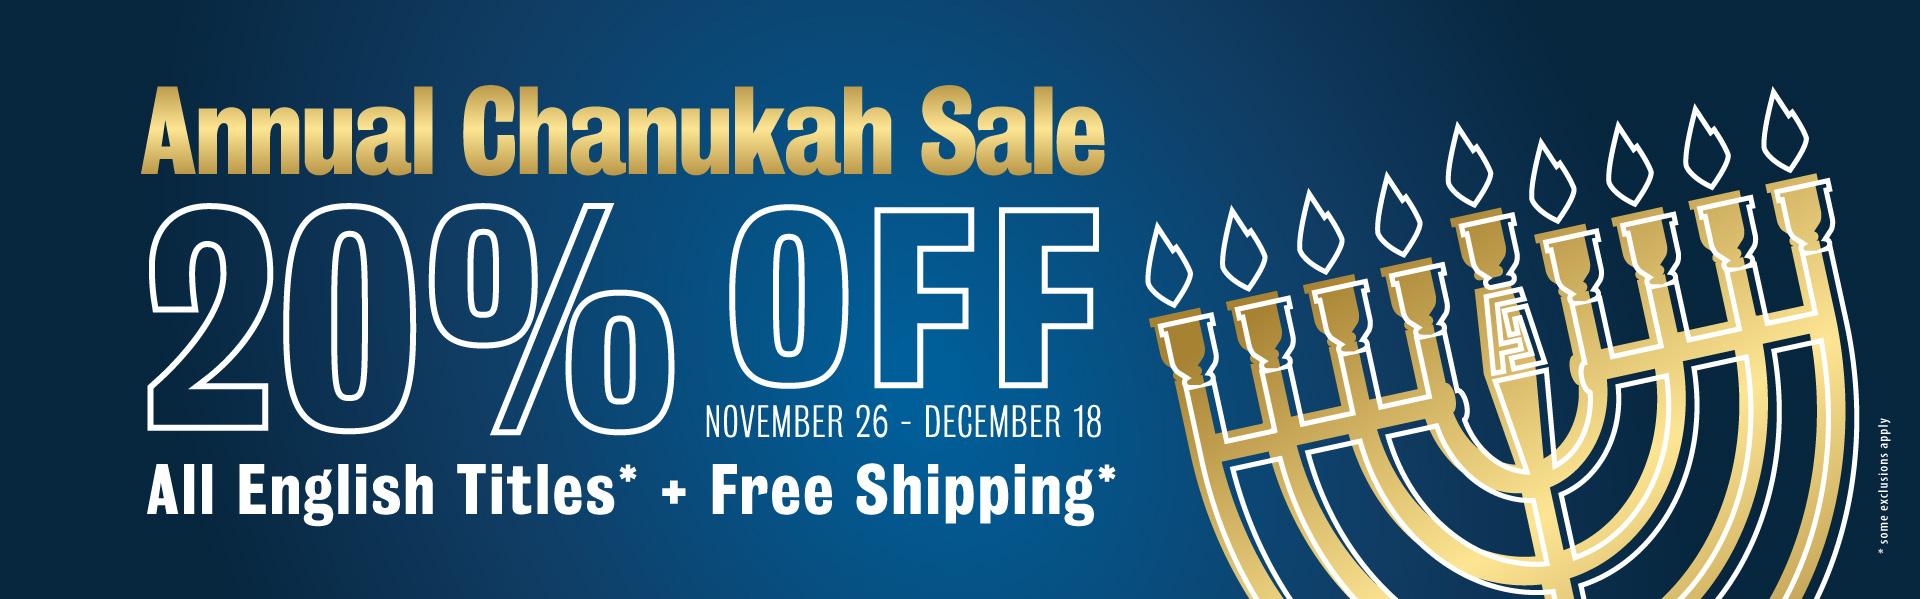 Chanukah Sale 20% off!  *